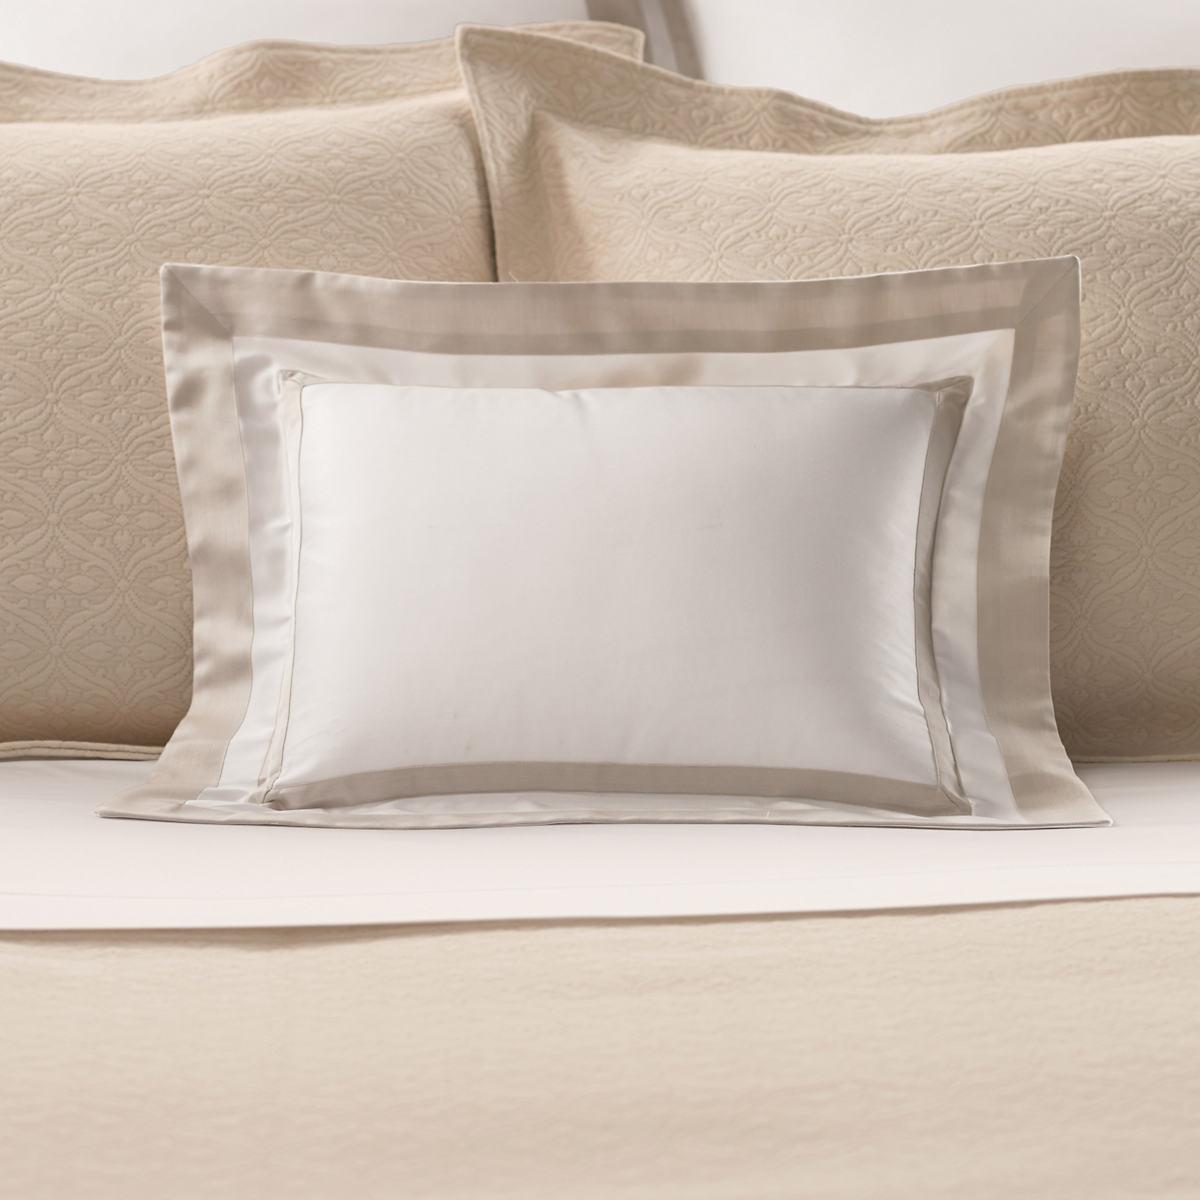 Piazza White/Sandstone Decorative Pillow Luxe